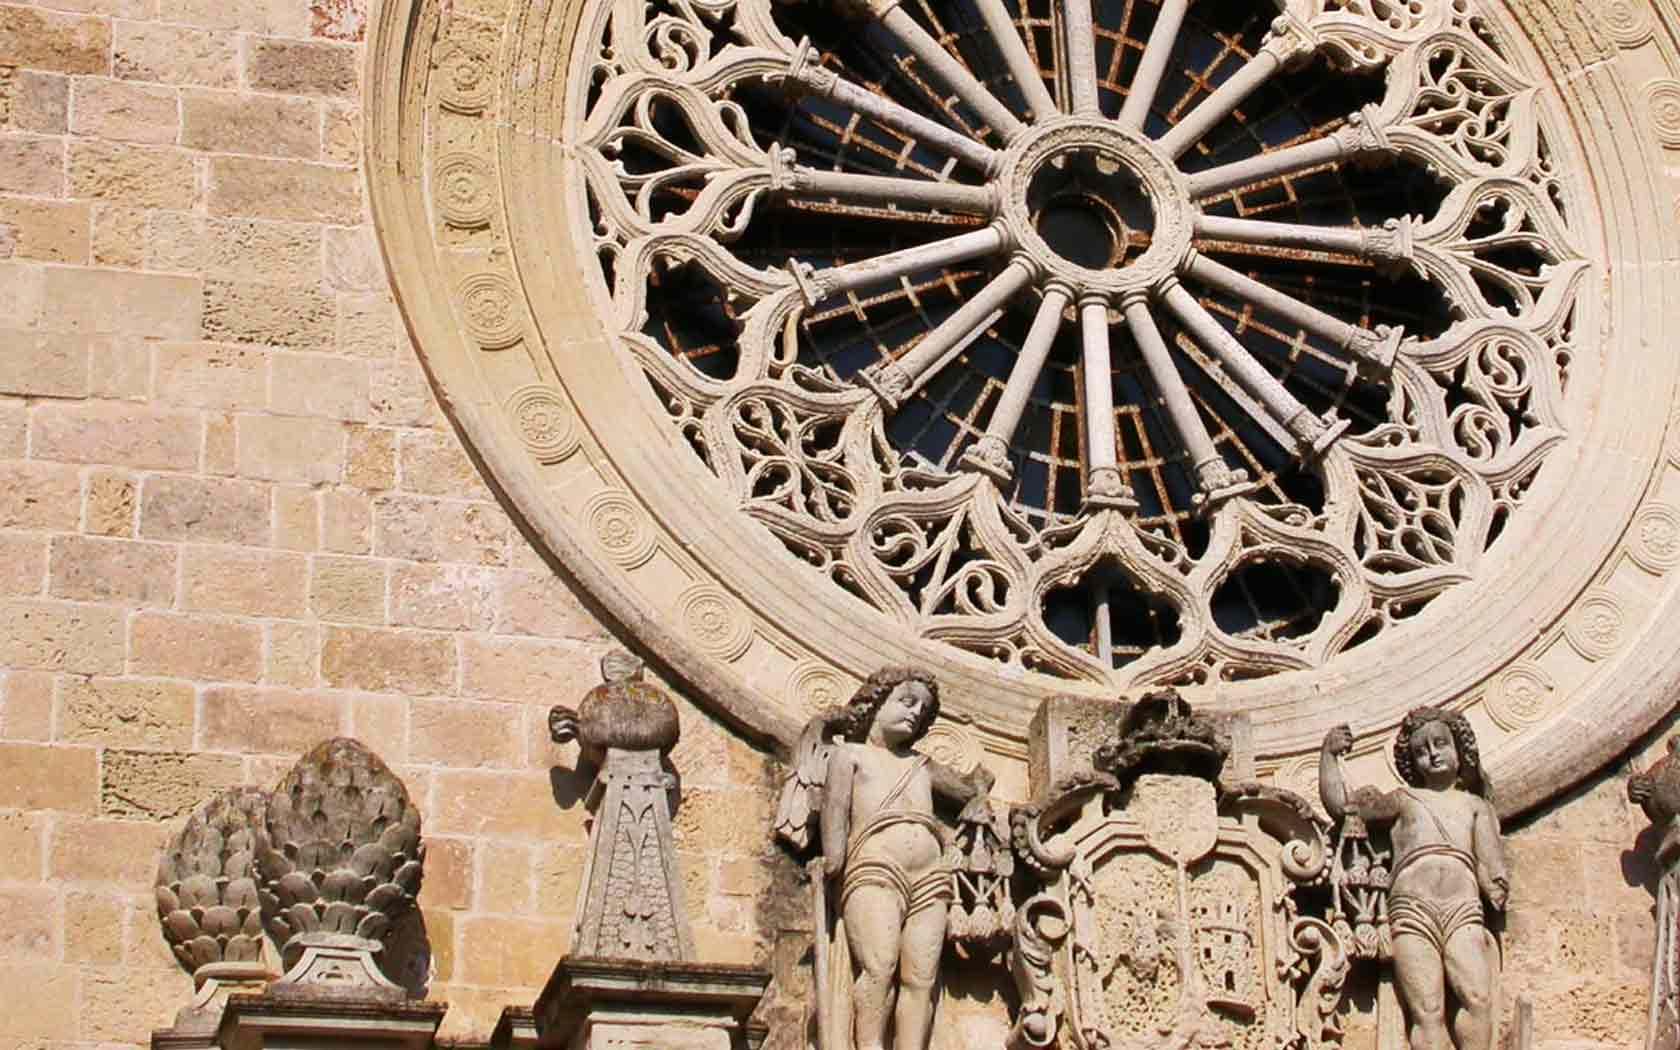 007 bed and breakfast la zolfara cattedrale church otranto rosone stile romanico